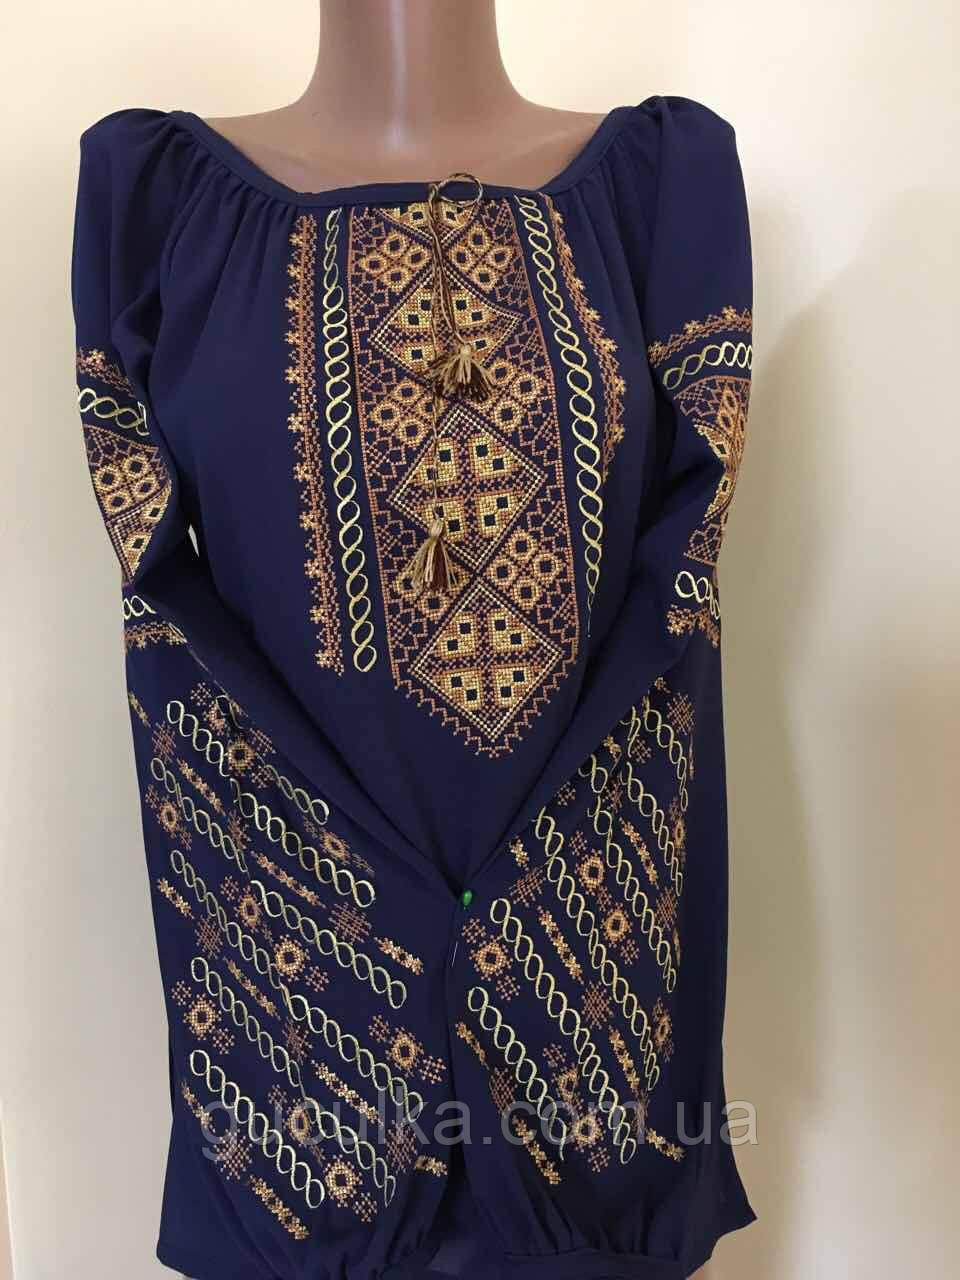 Жіноча вишита сорочка з квітковим орнаментом 229b7cadb1c05